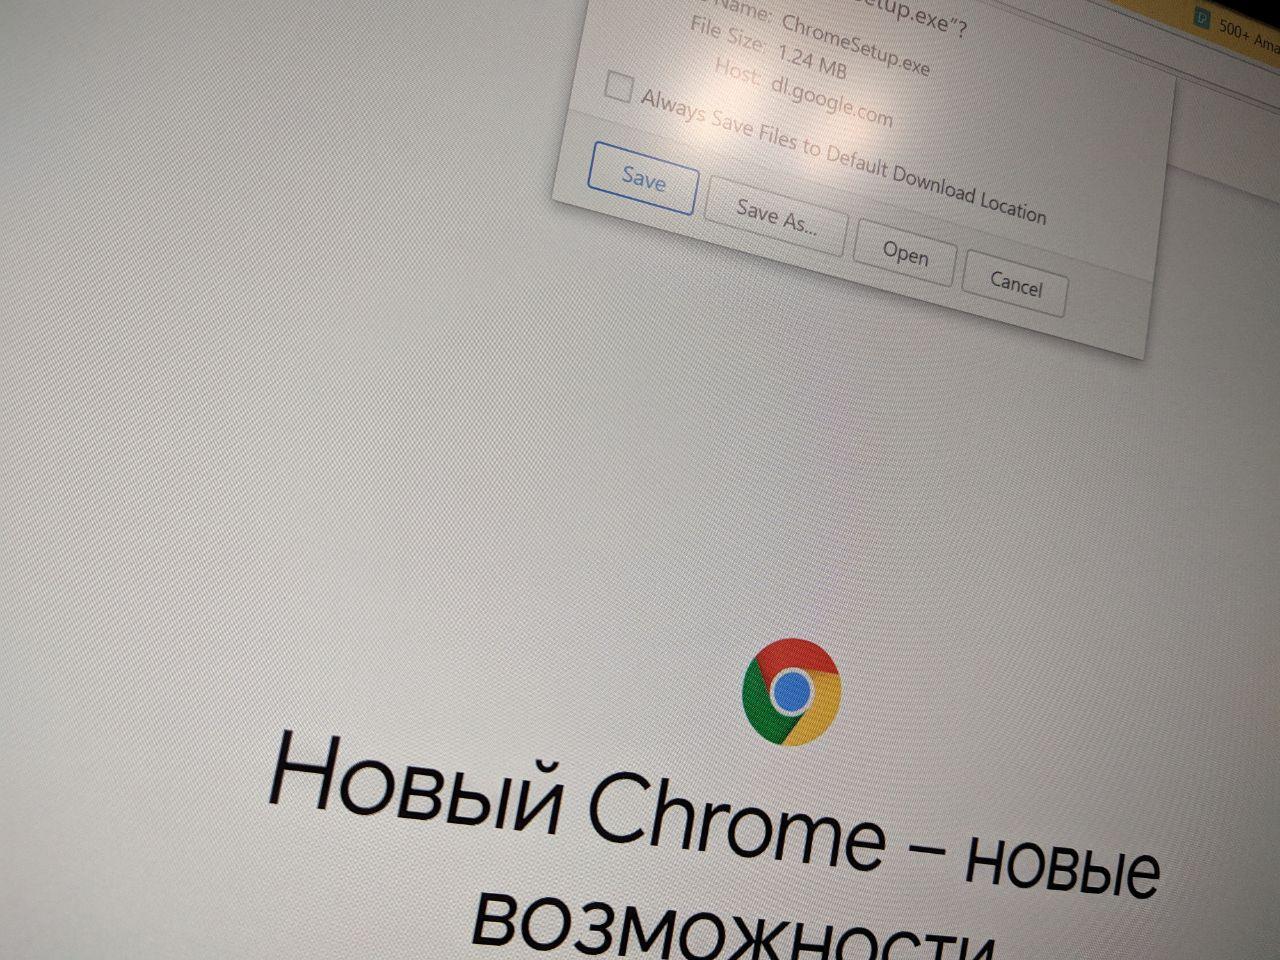 Google Chrome спониженным потреблением оперативной памяти ужеможно скачать